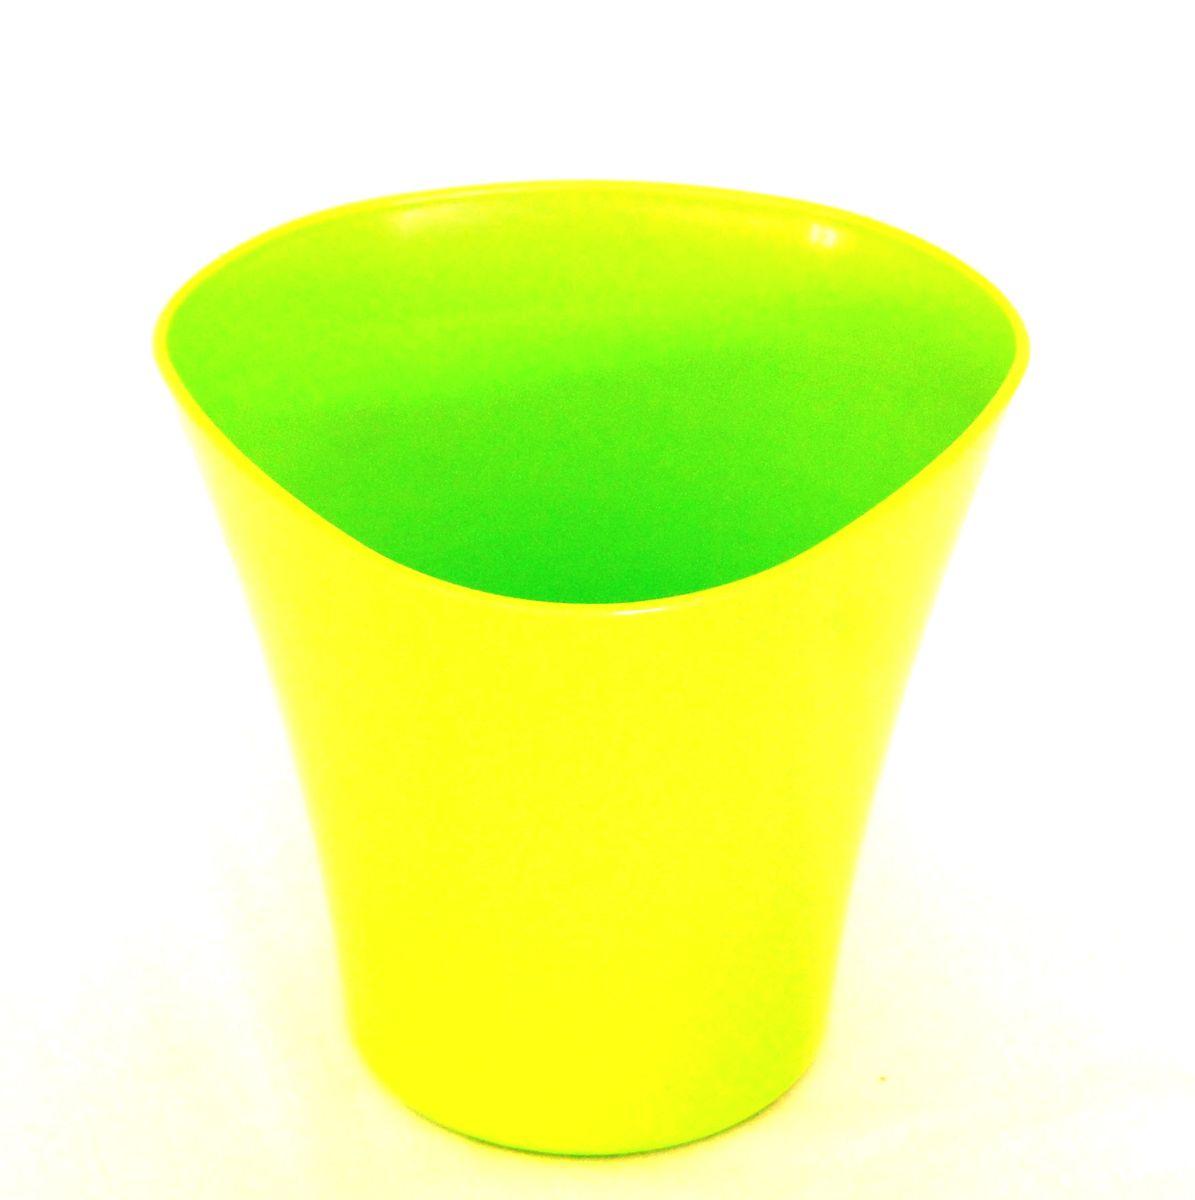 Кашпо JetPlast Волна, цвет: зеленый, 3 л4612754050581Кашпо Волна имеет уникальную форму, сочетающуюся как с классическим, так и с современным дизайном интерьера. Разнообразие цветов дает возможность подобрать кашпо именно под ваш стиль.